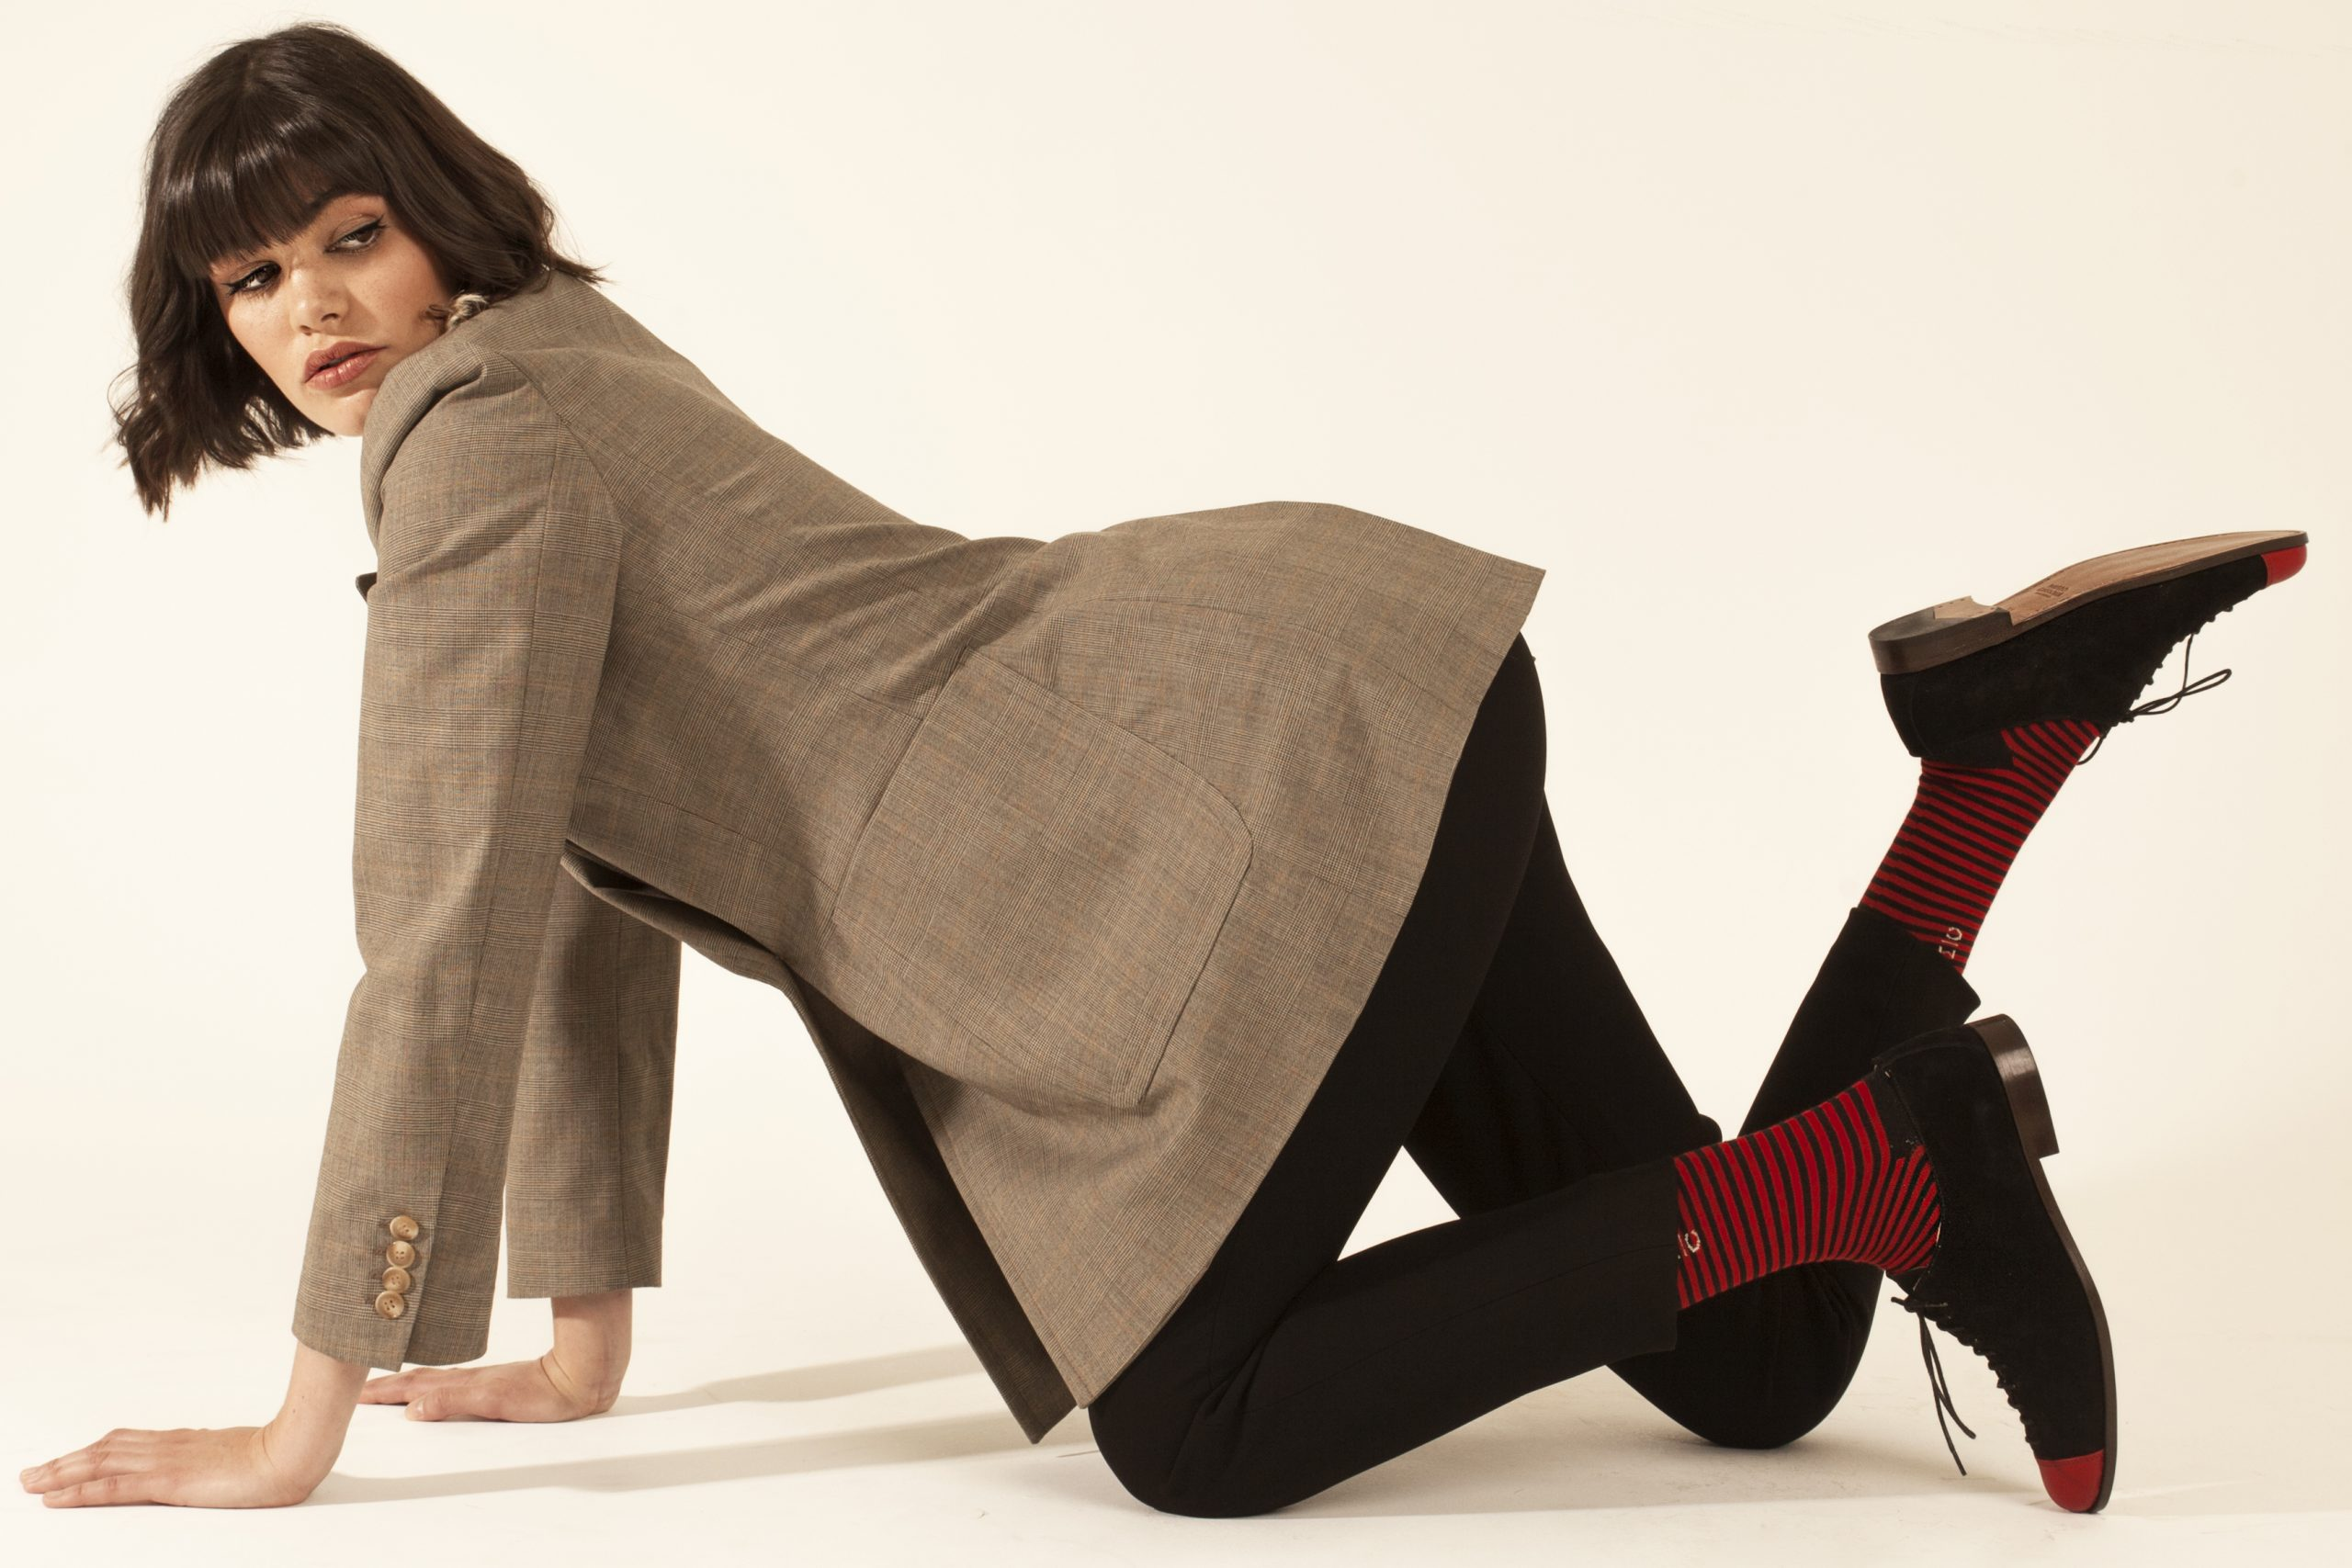 Los zapatos se reinventan con diseños atemporales para mujeres urbanas